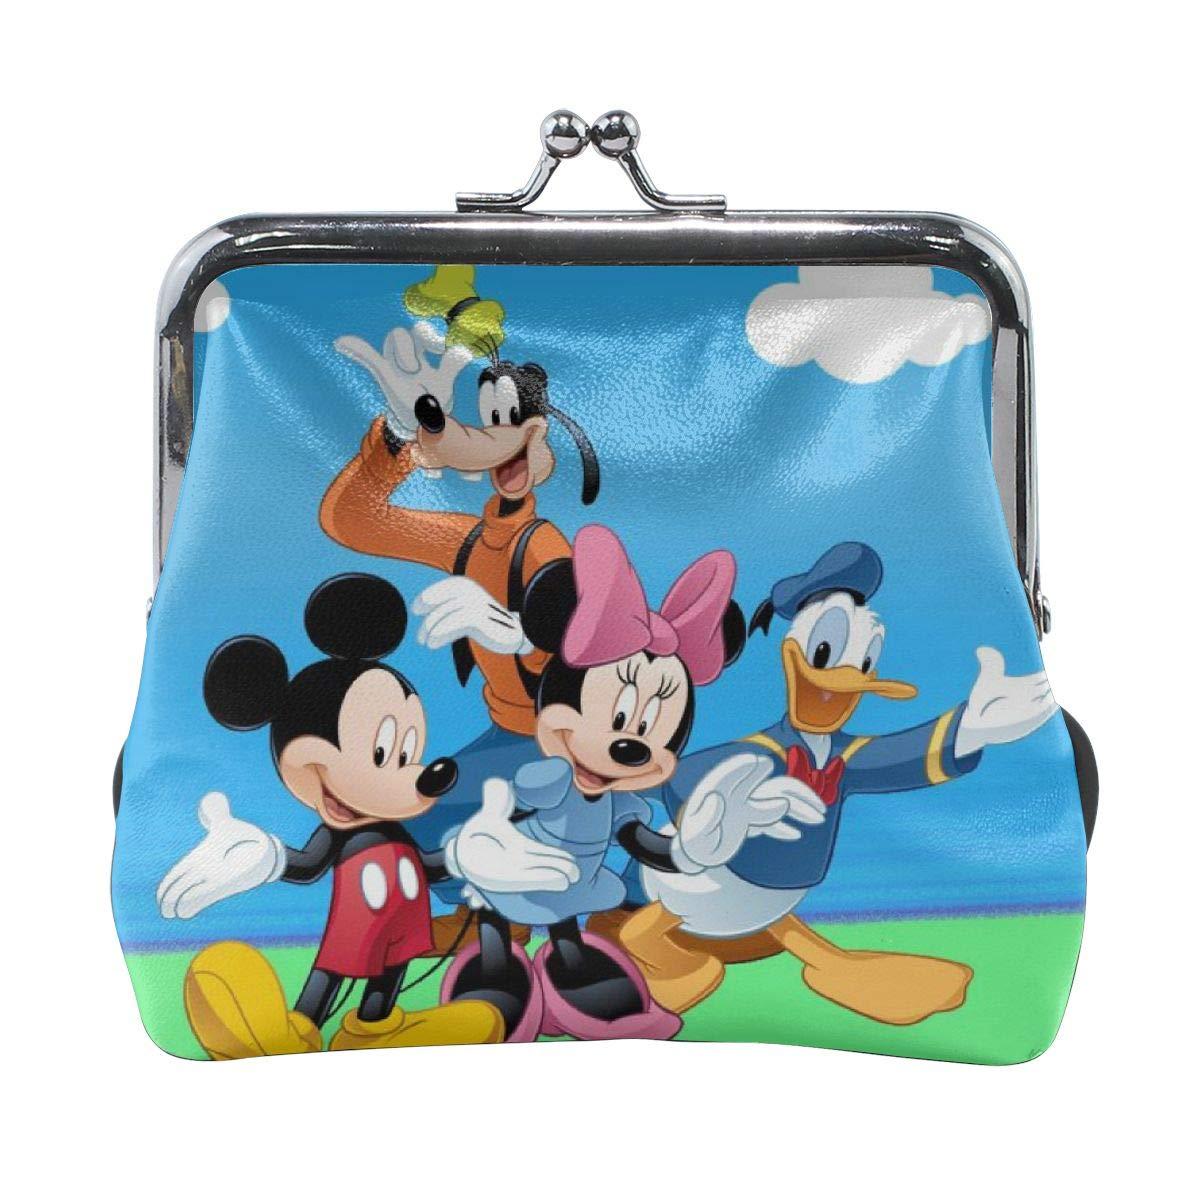 Meirdreni Monedero con hebilla Donald Duck Mickey Mouse y ...